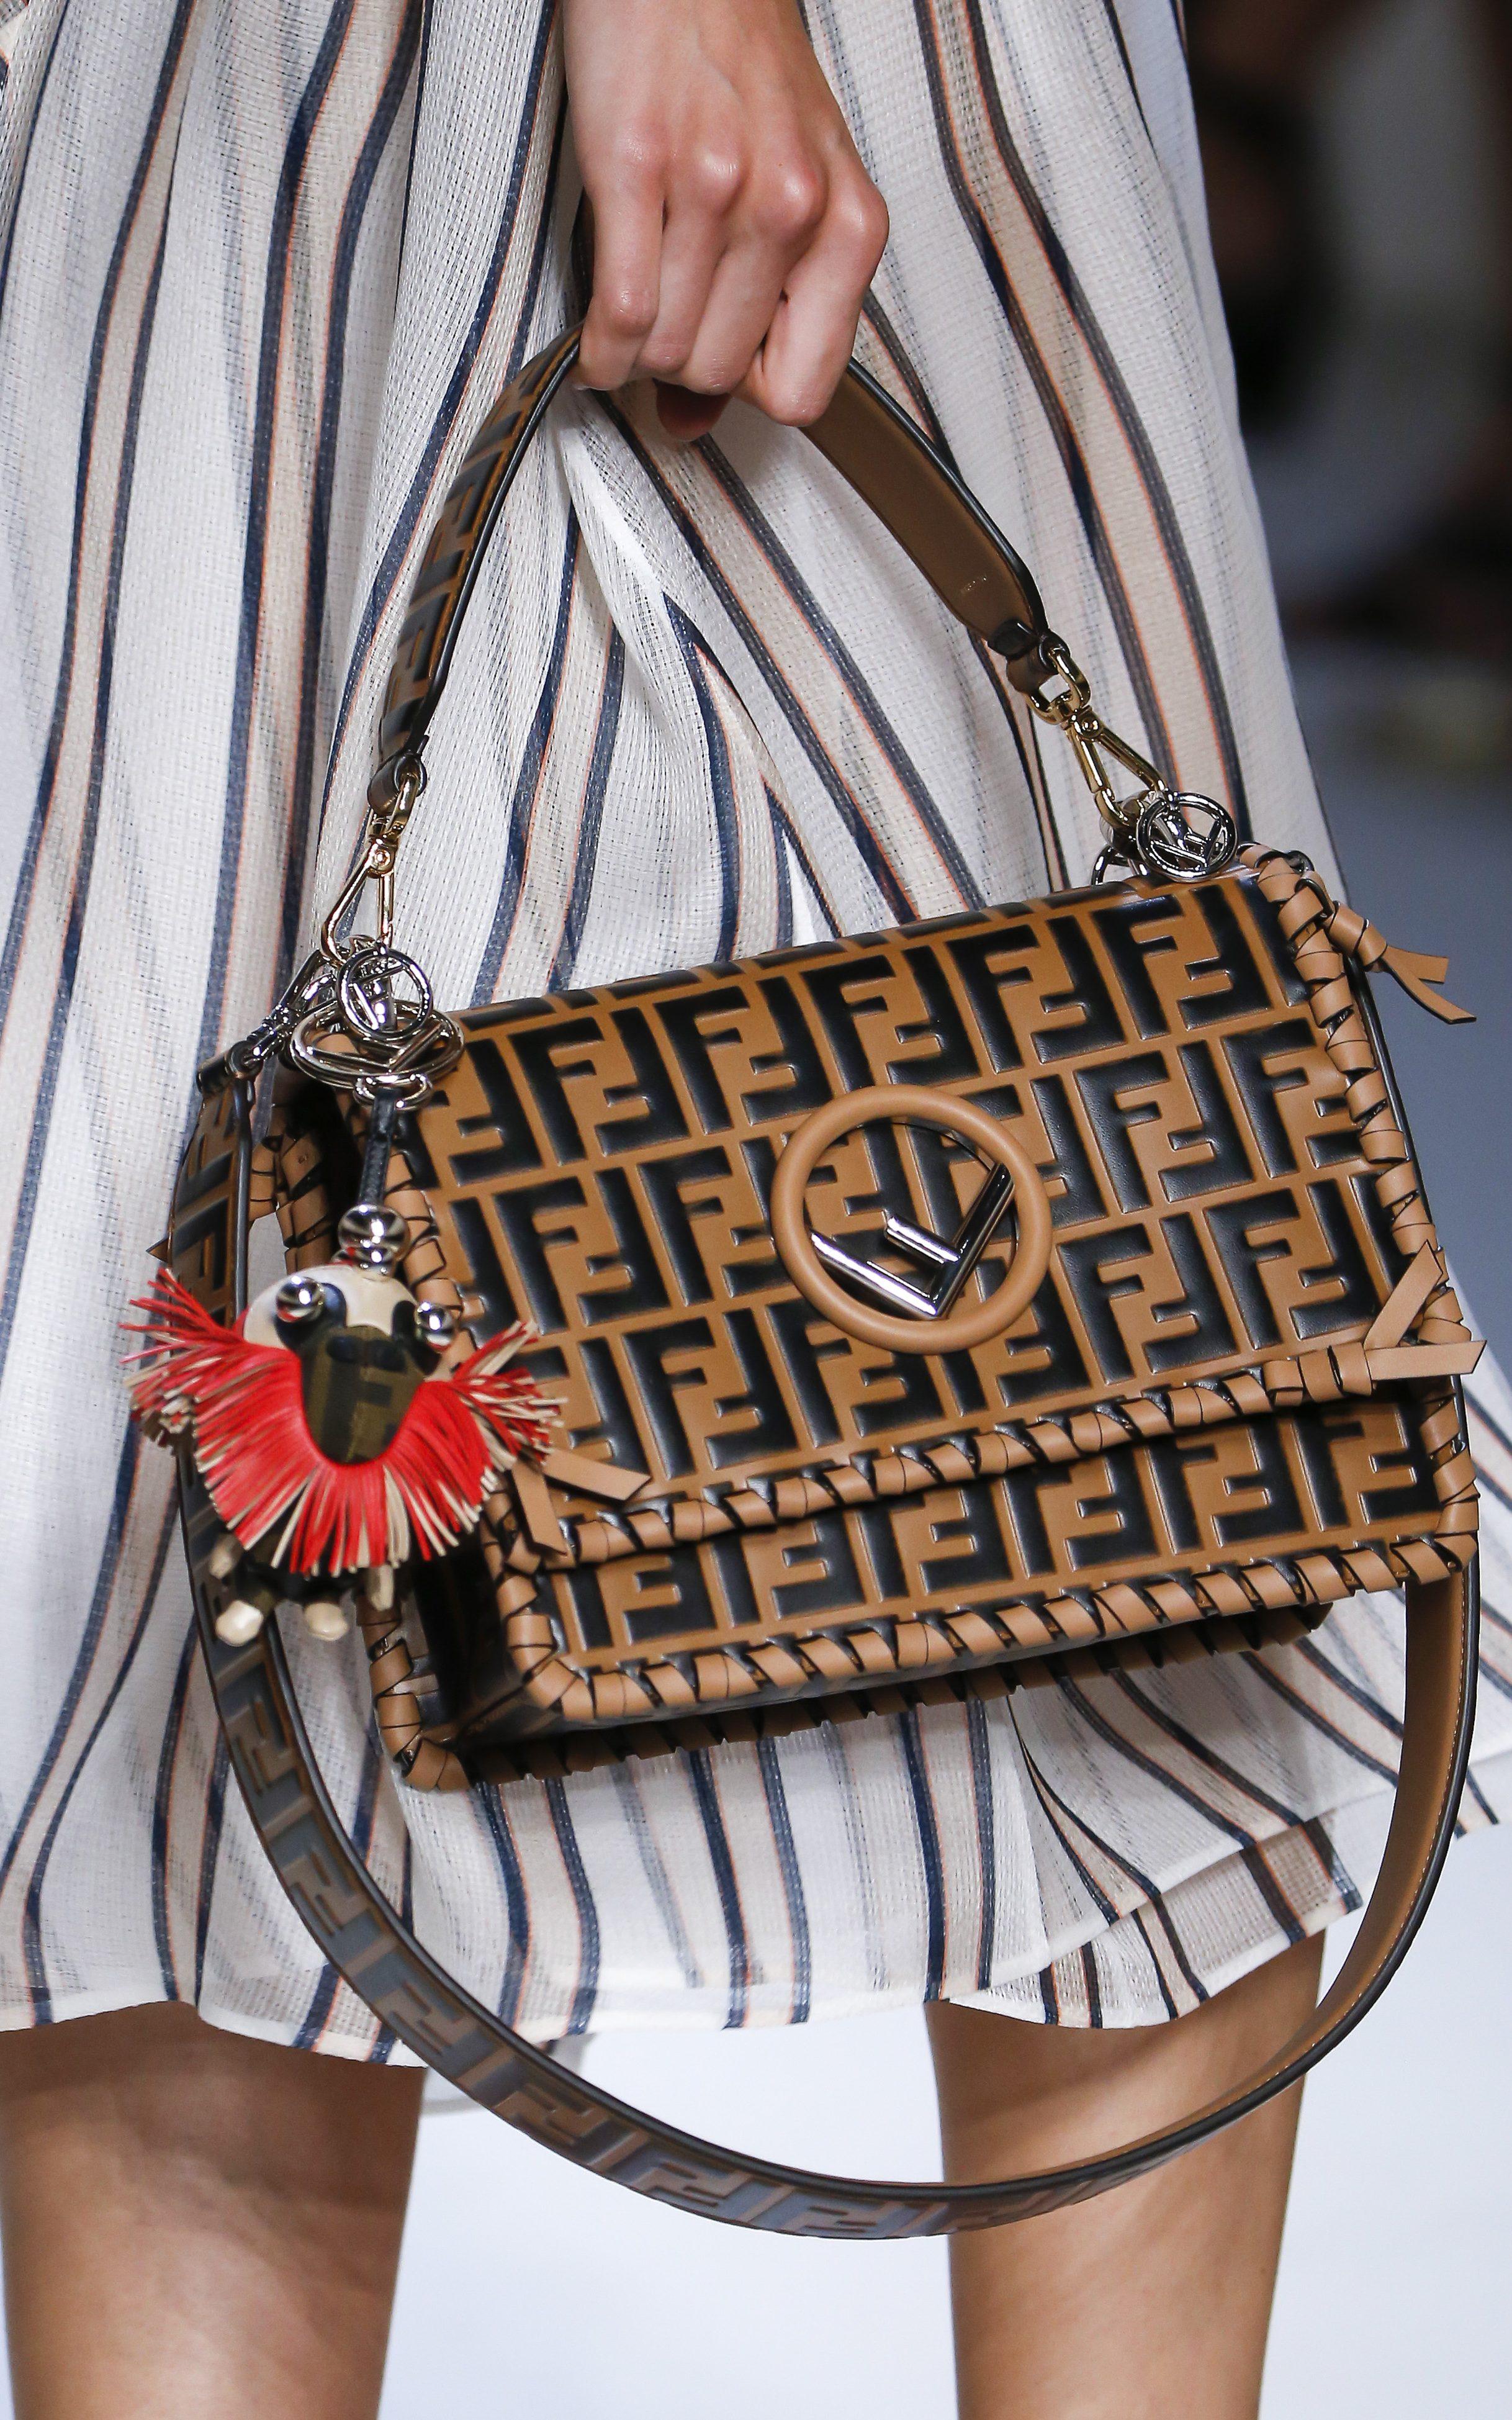 Fendi весна лето 2018 коричневая сумка